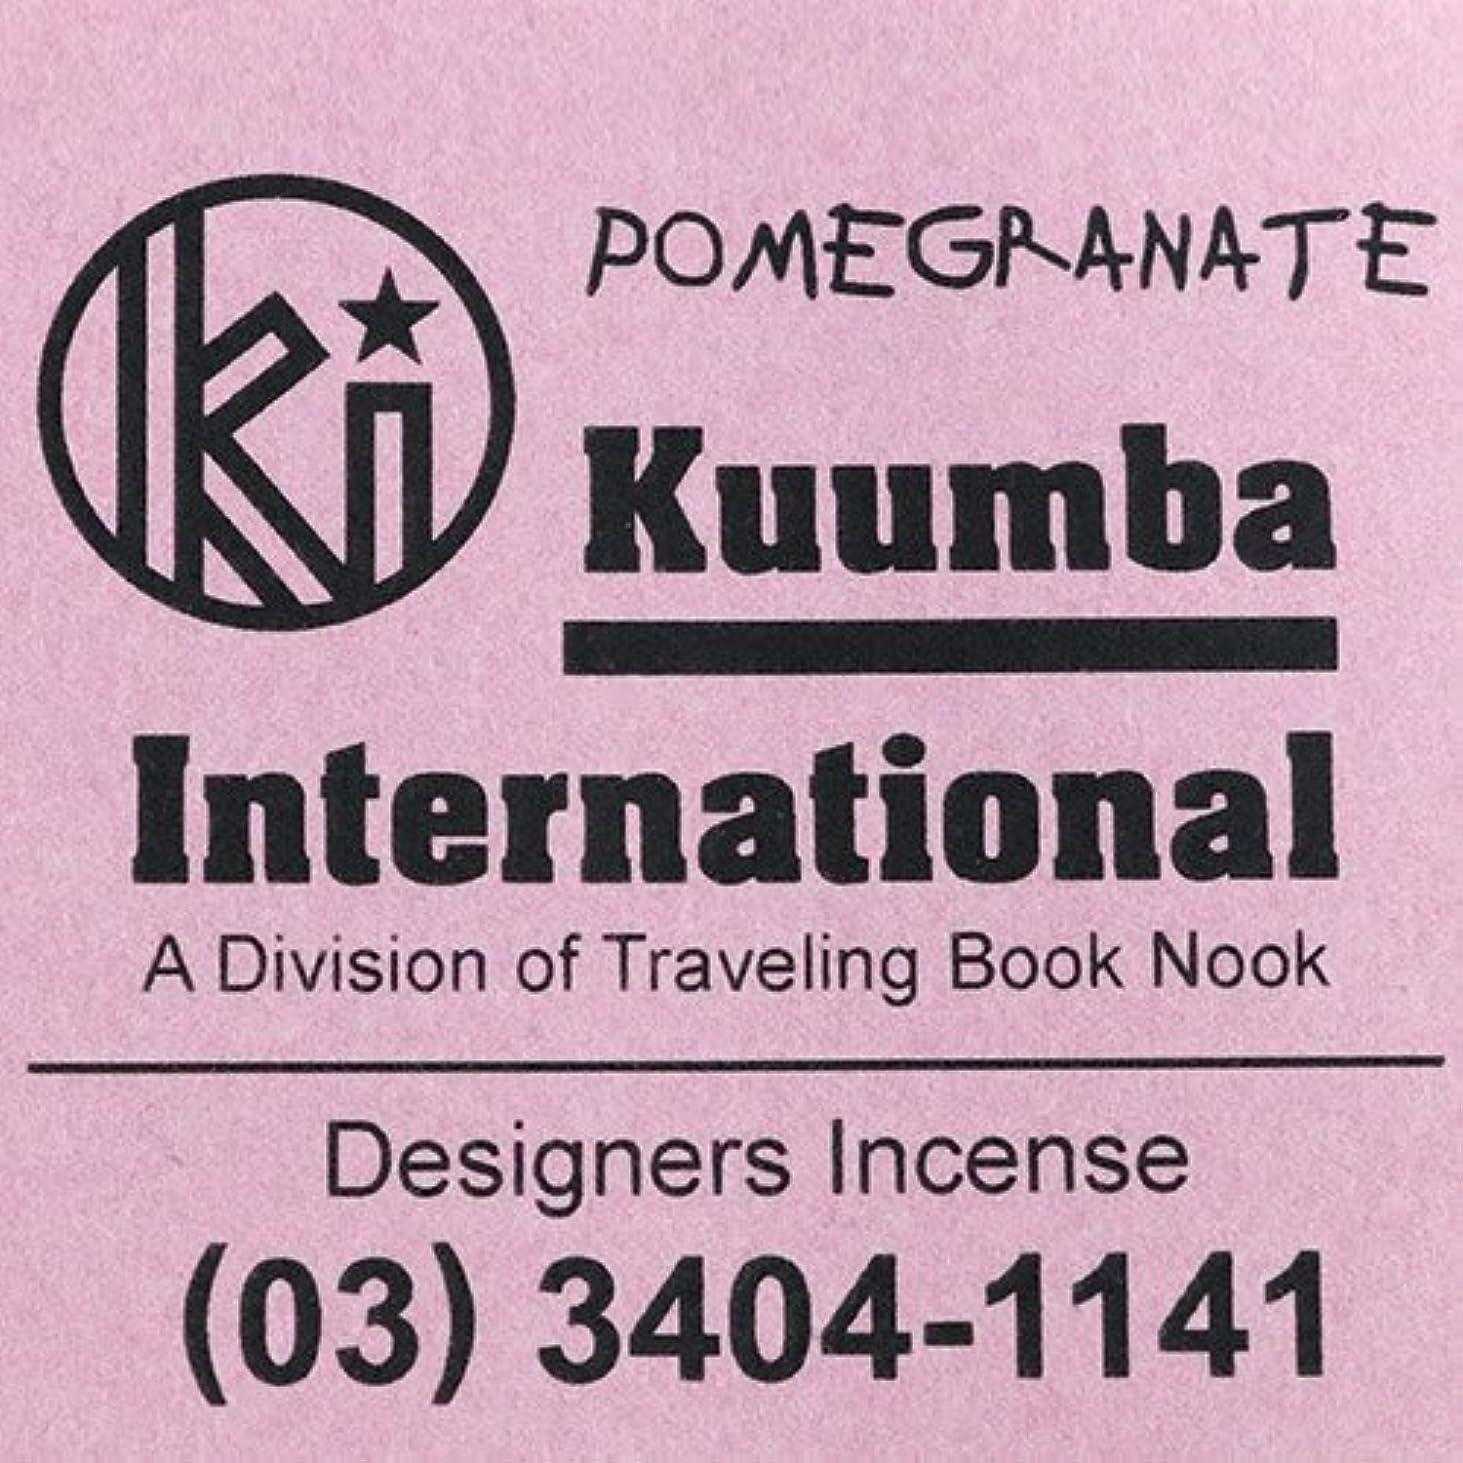 パース視力マント(クンバ) KUUMBA『incense』(POMEGRANATE) (Regular size)